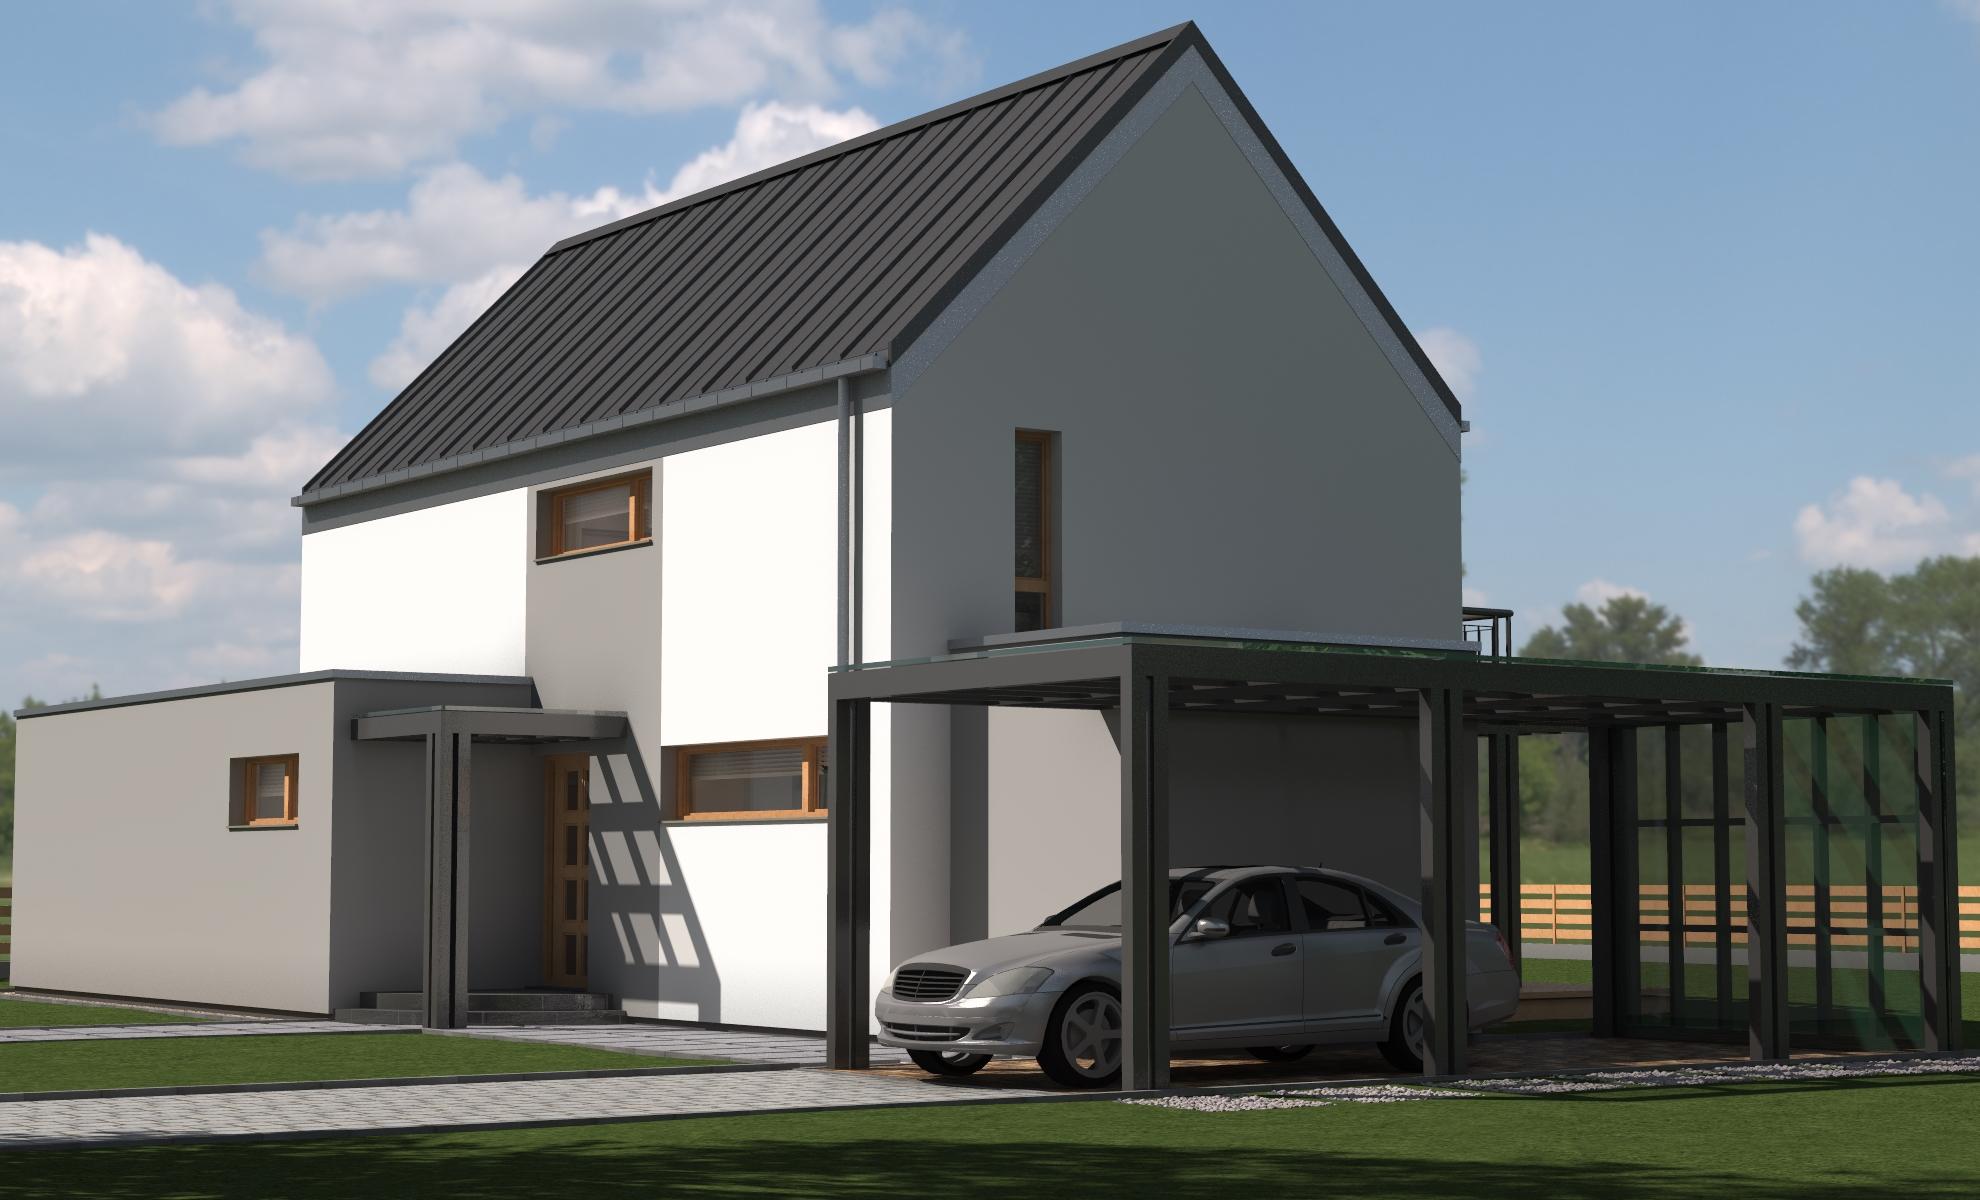 Dom BREK  - dom energooszczędny o powierzchni 166,8 m2